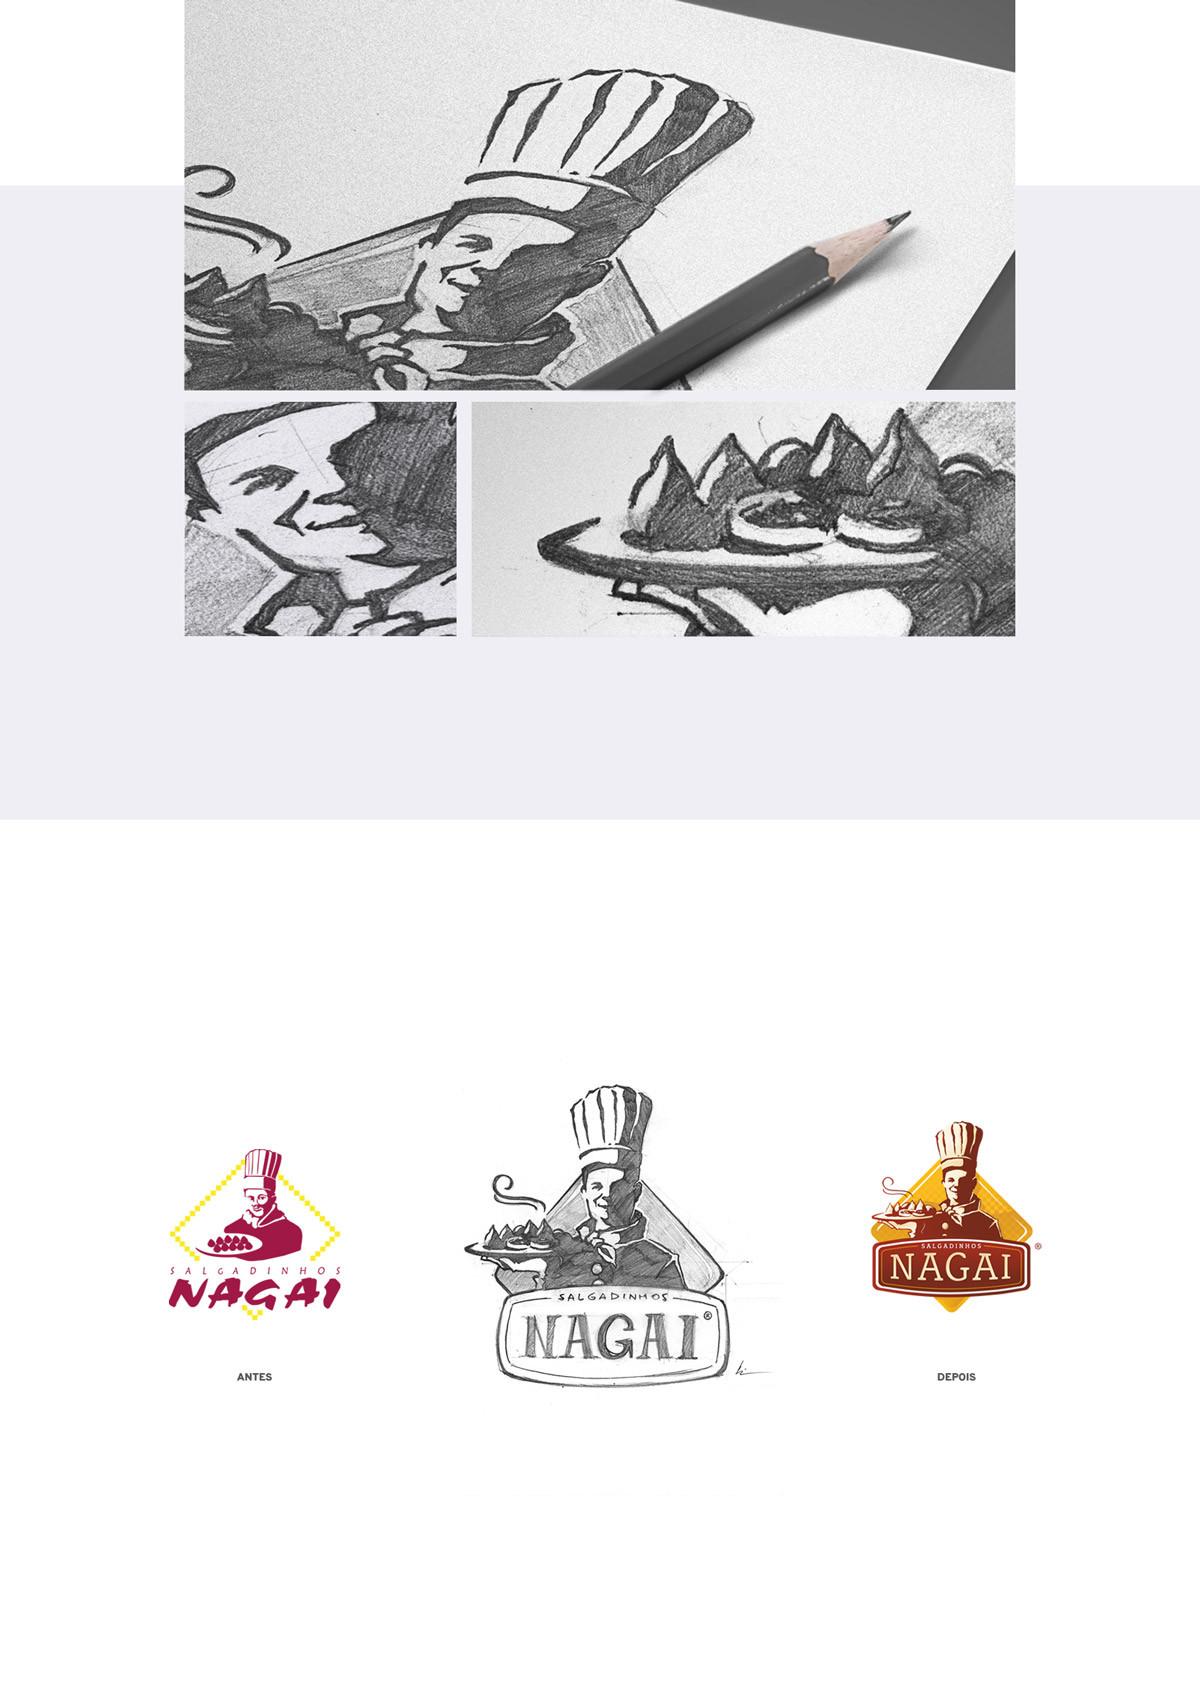 Nagai ilustração sketch esboço